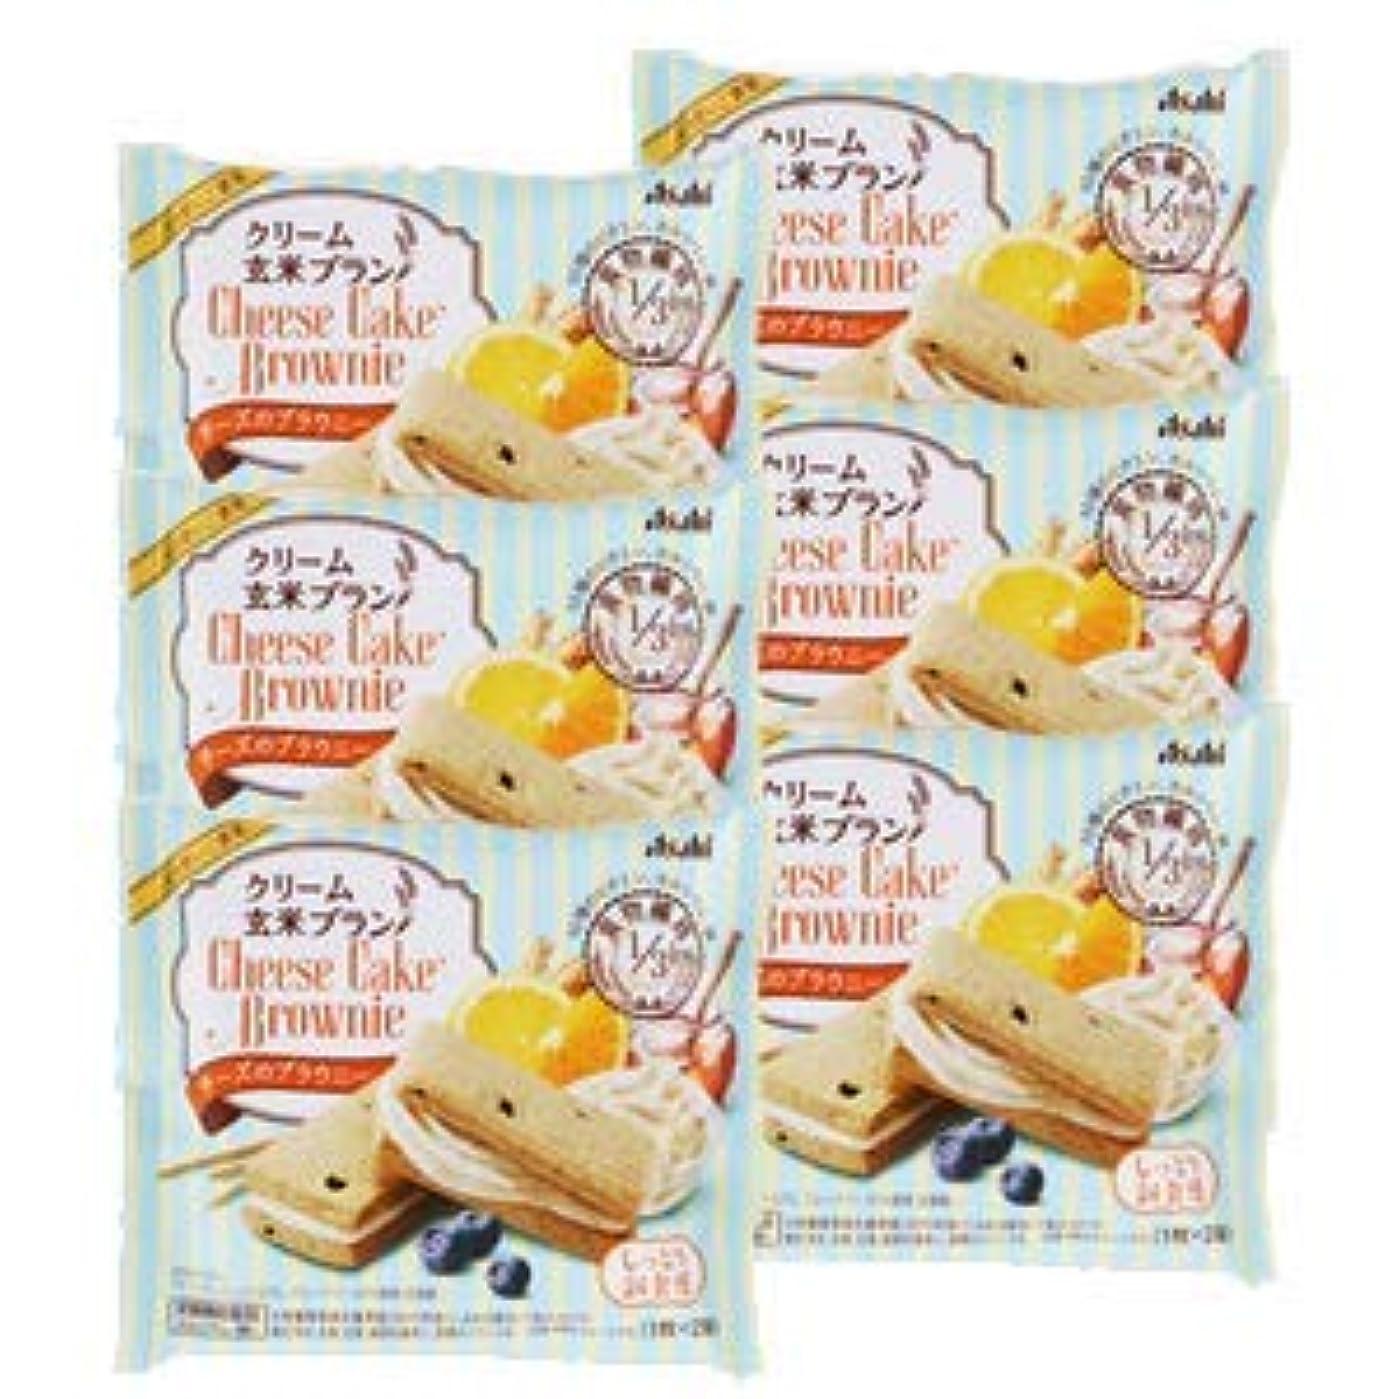 支店幻影集計アサヒ バランスアップ クリーム玄米ブラン チーズのブラウニー 6個セット